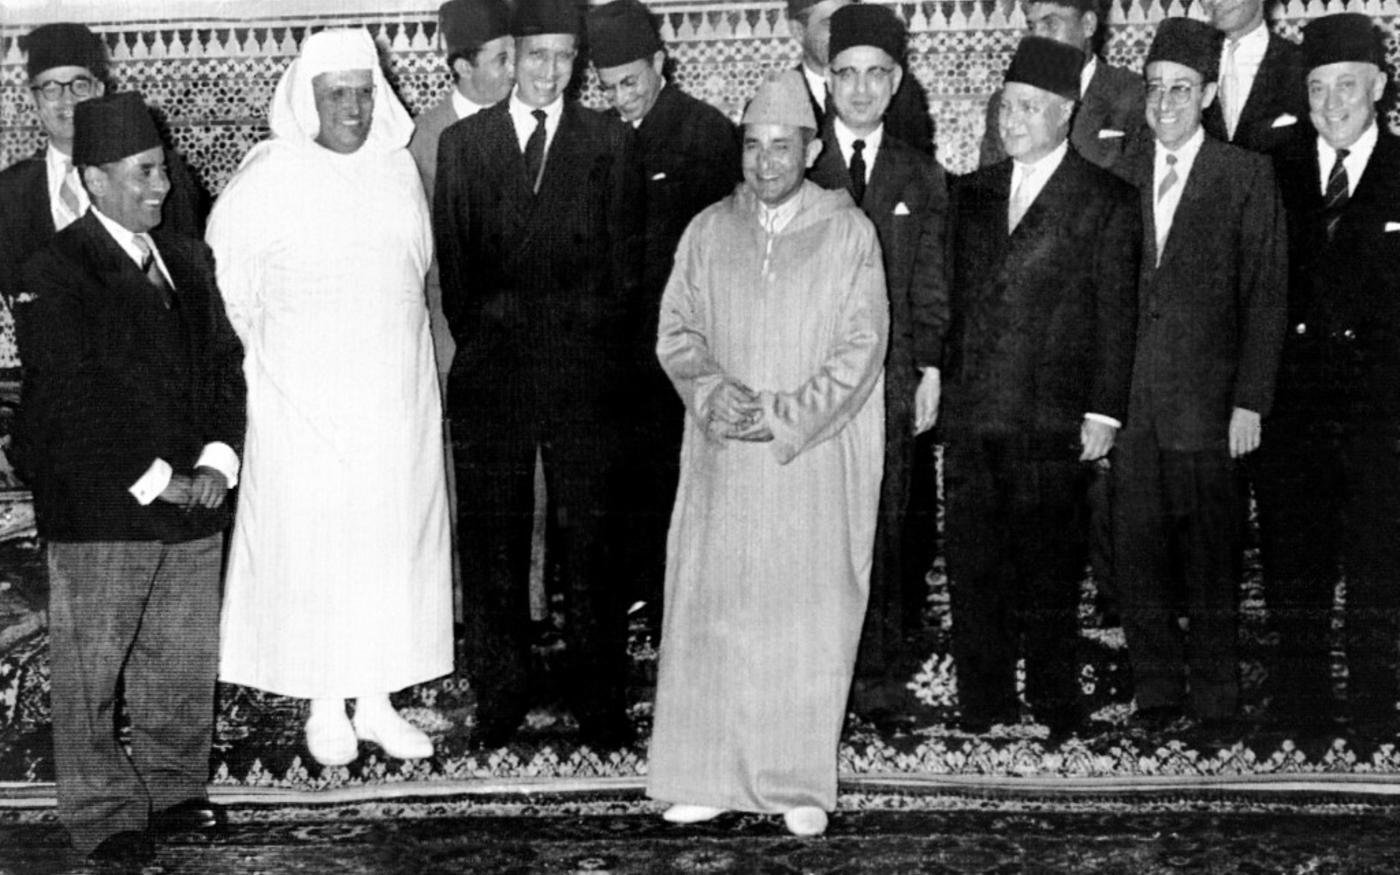 Le 27 octobre 1956, le sultan du Maroc Mohammed ben Youssef entouré des membres du nouveau gouvernement (AFP)